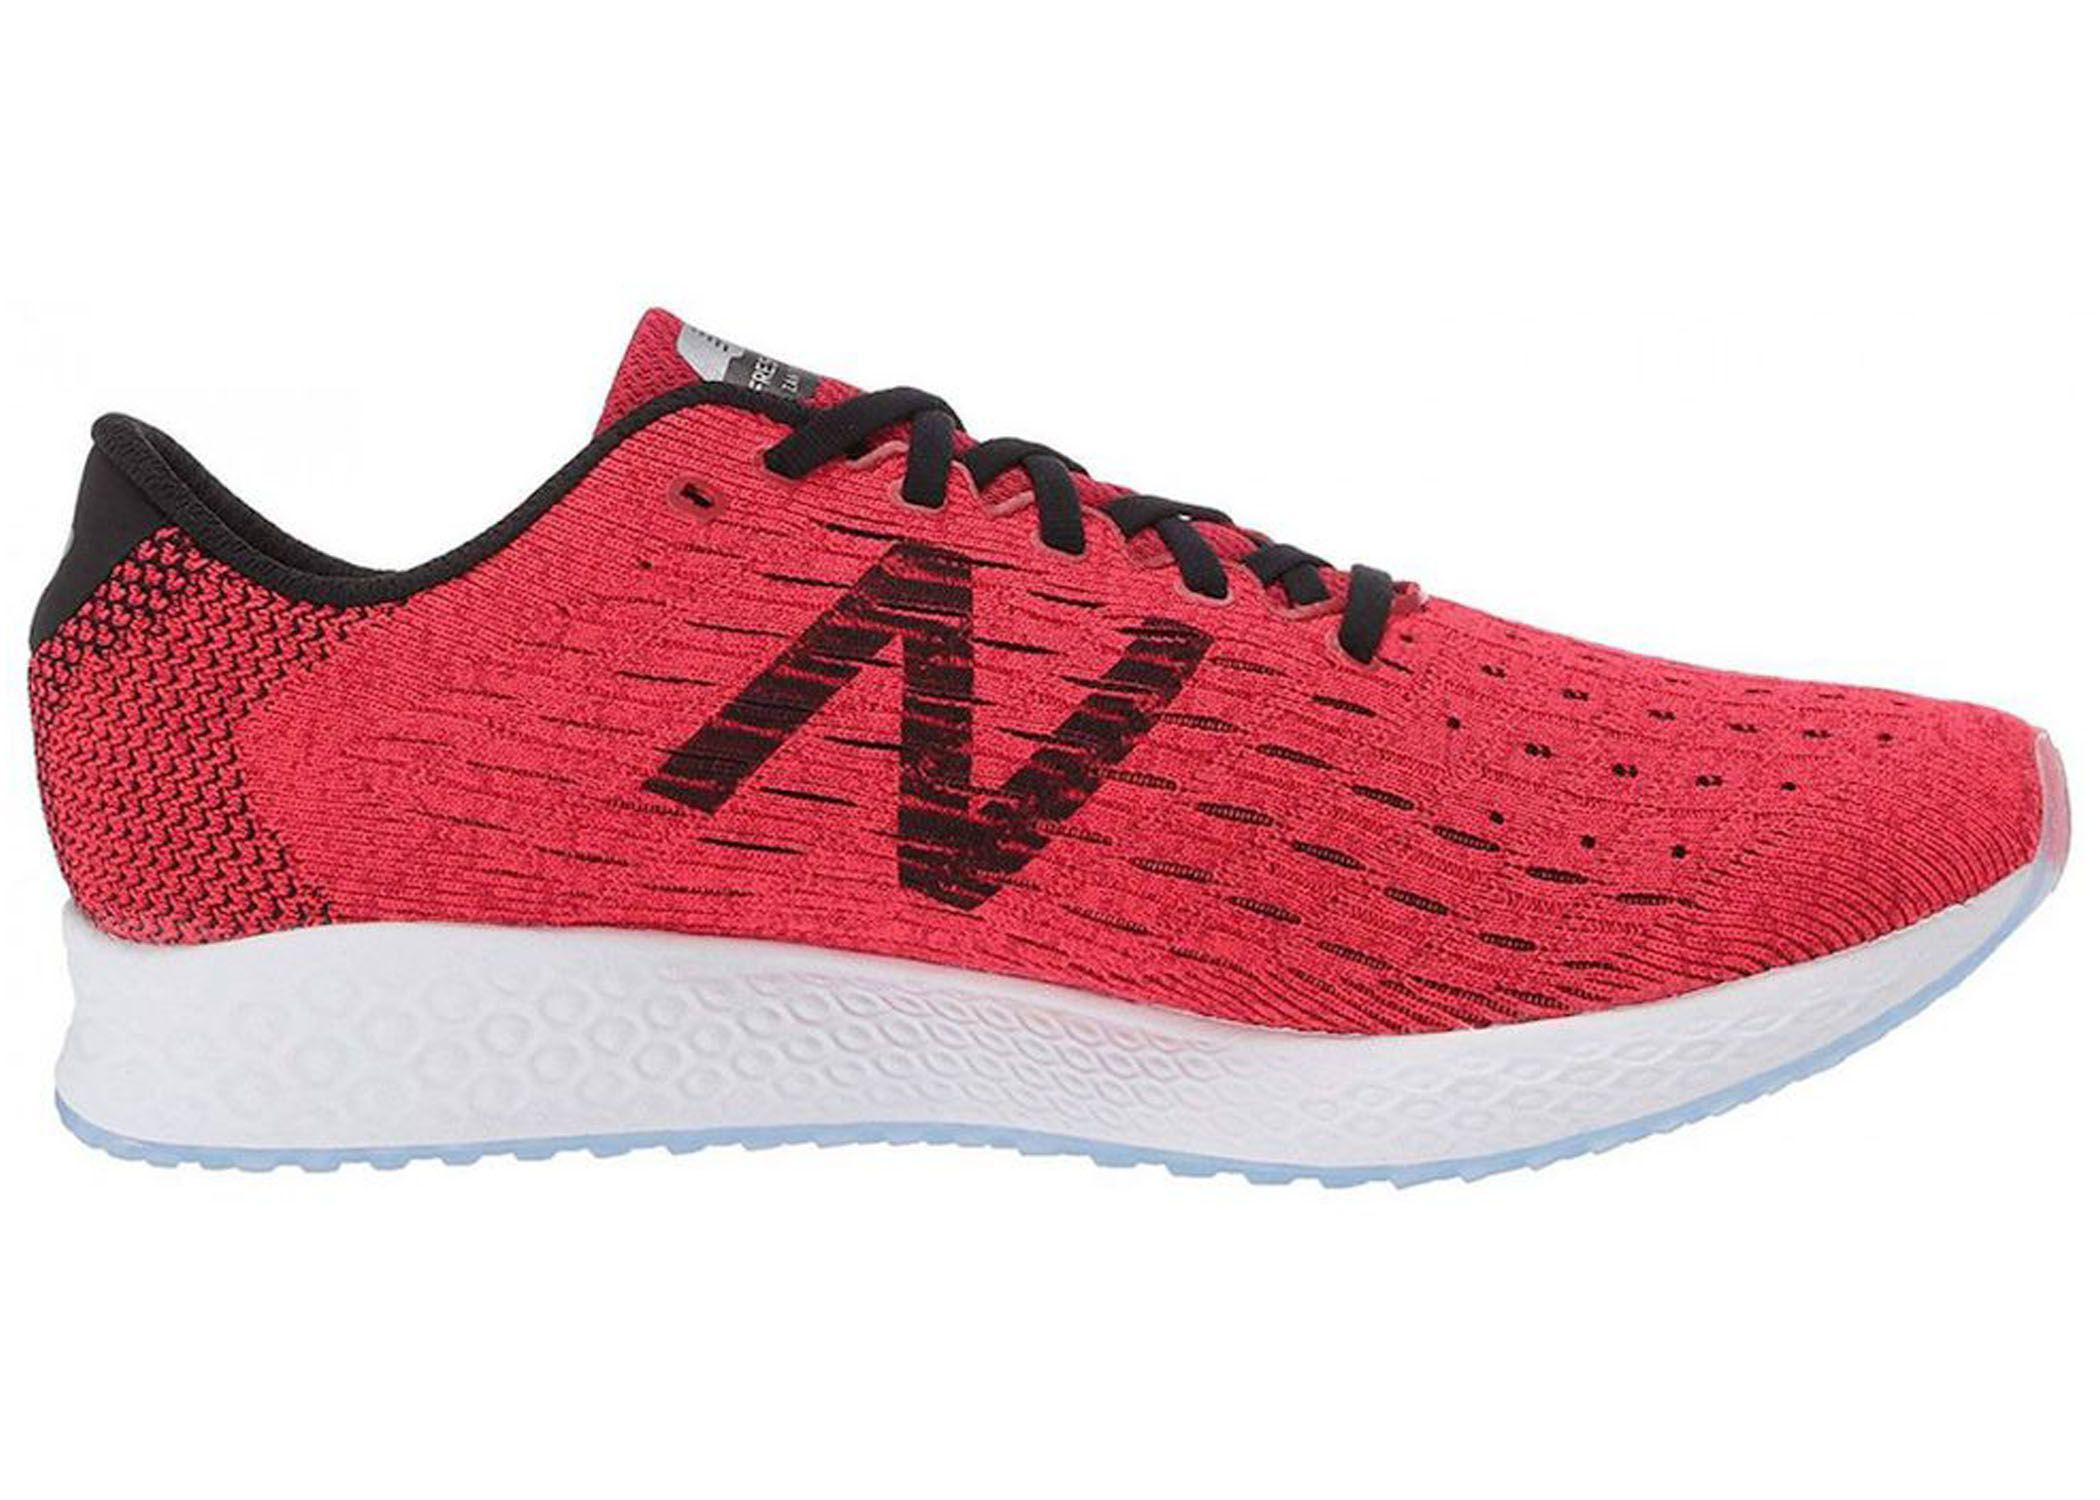 meilleur chaussure running new balance